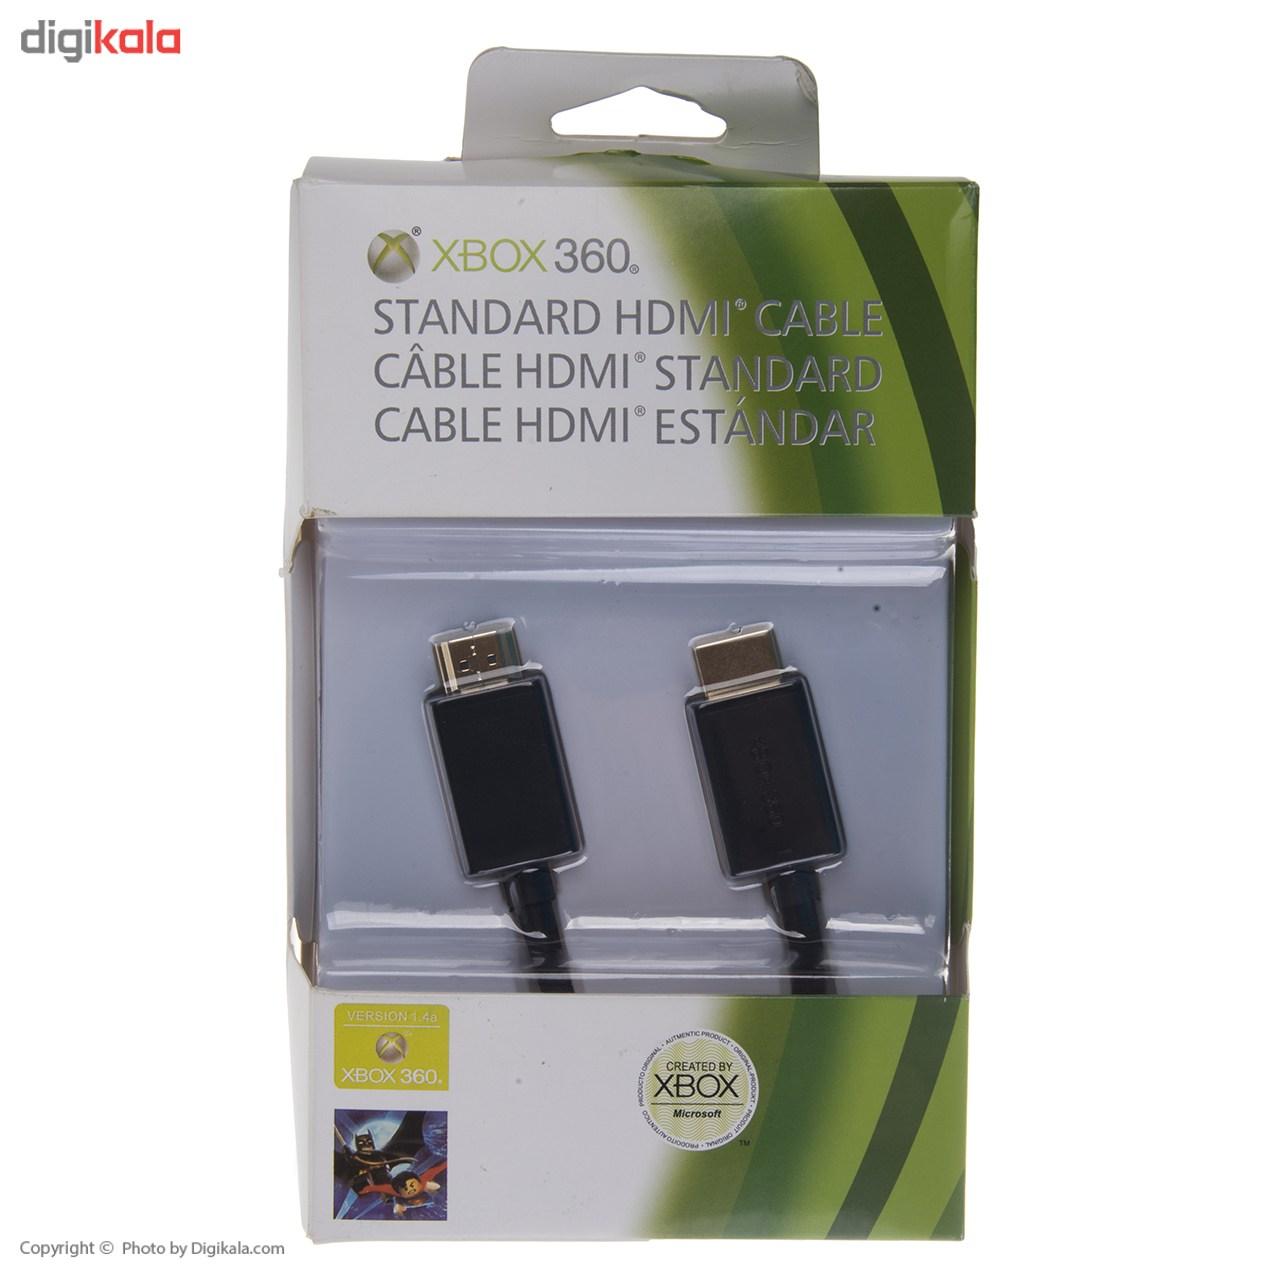 کابل استاندارد HDMI مناسب برای Xbox 360